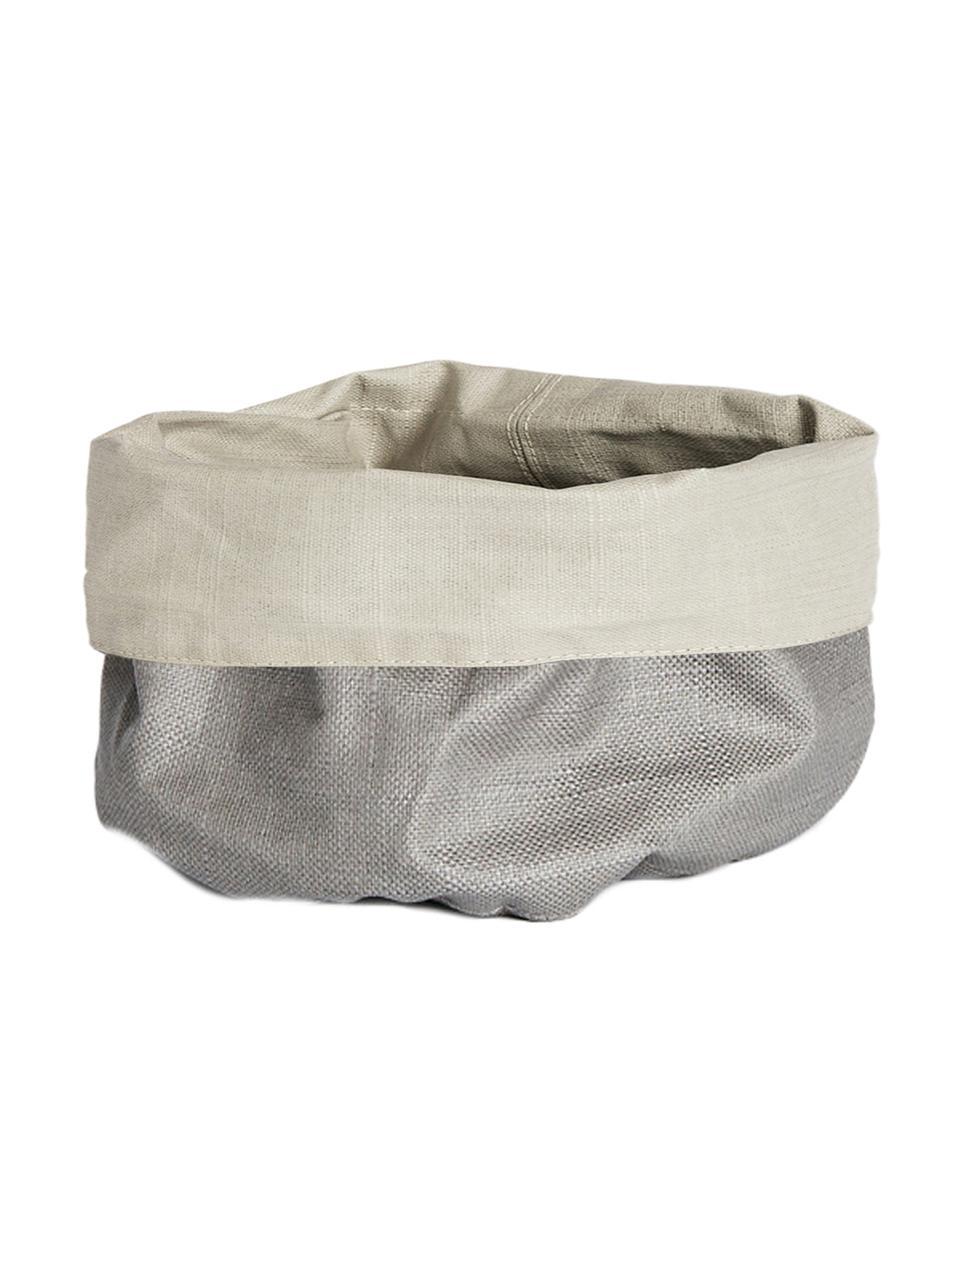 Corbeille à pain XS en gris et beige Patinn, Beige, gris clair